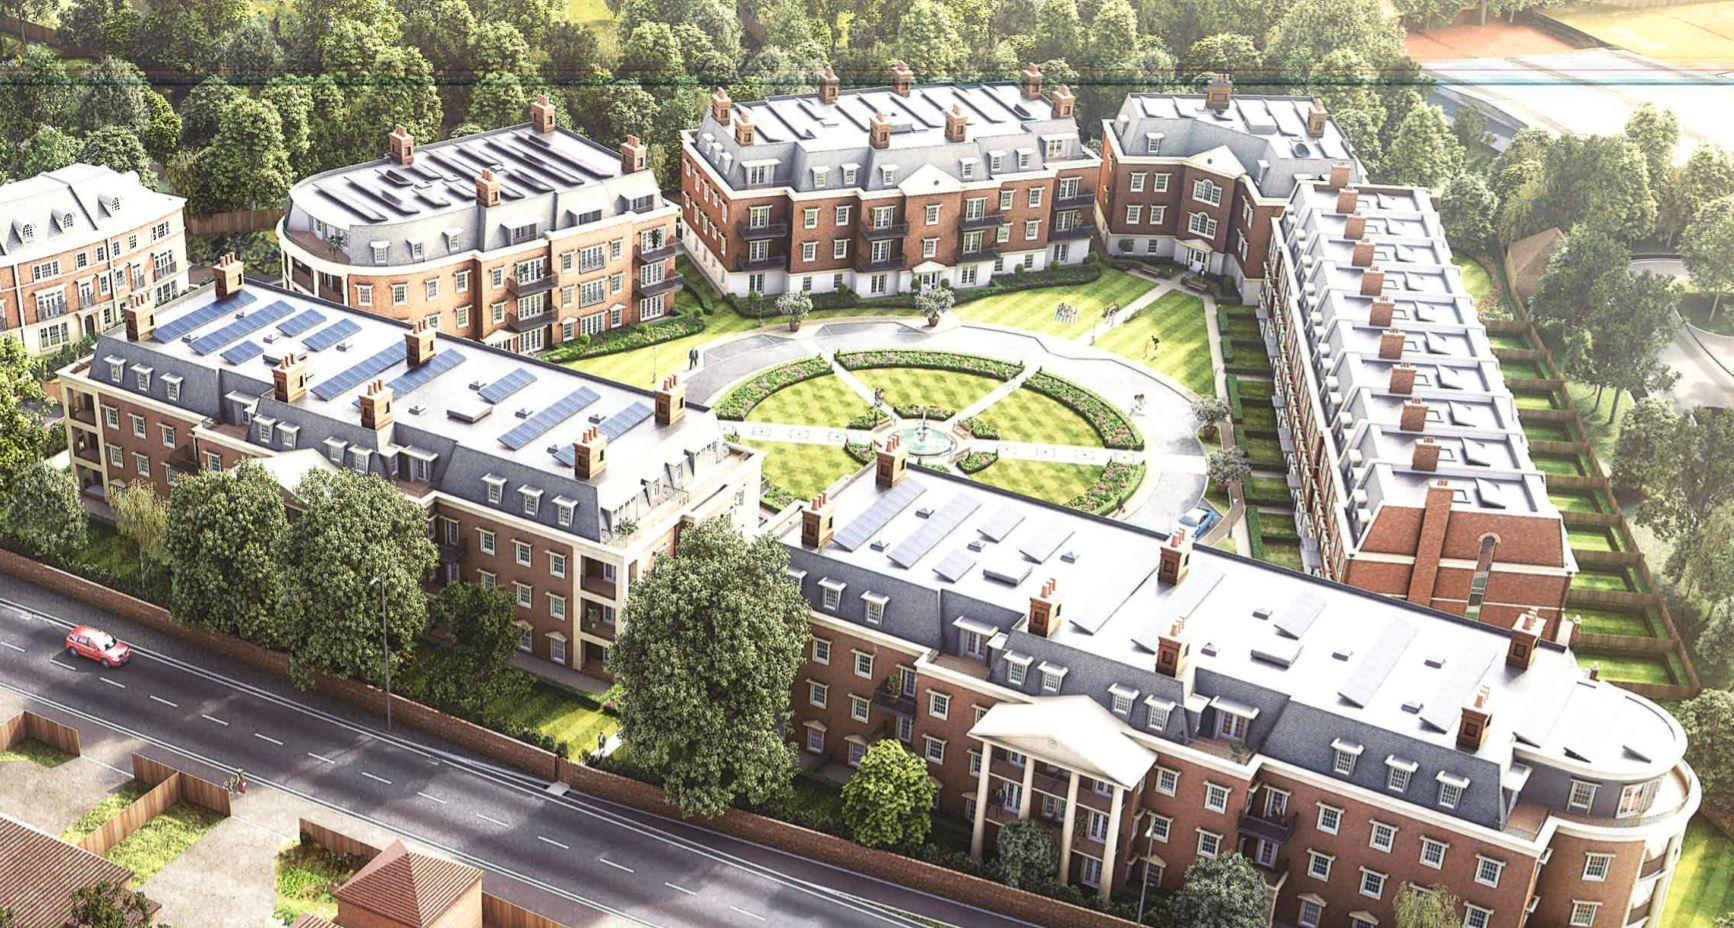 Beckenham South Eden Park Road housing development set for approval